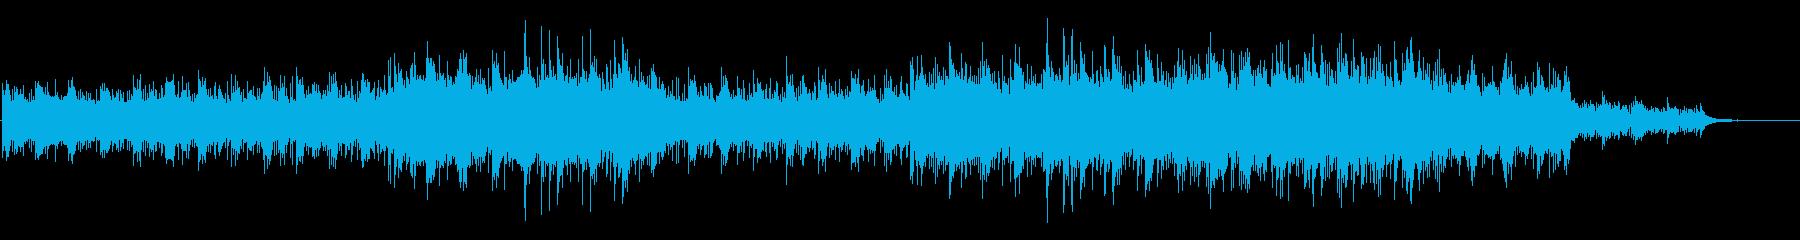 【リズム抜き】アップテンポで綺麗なコーポの再生済みの波形